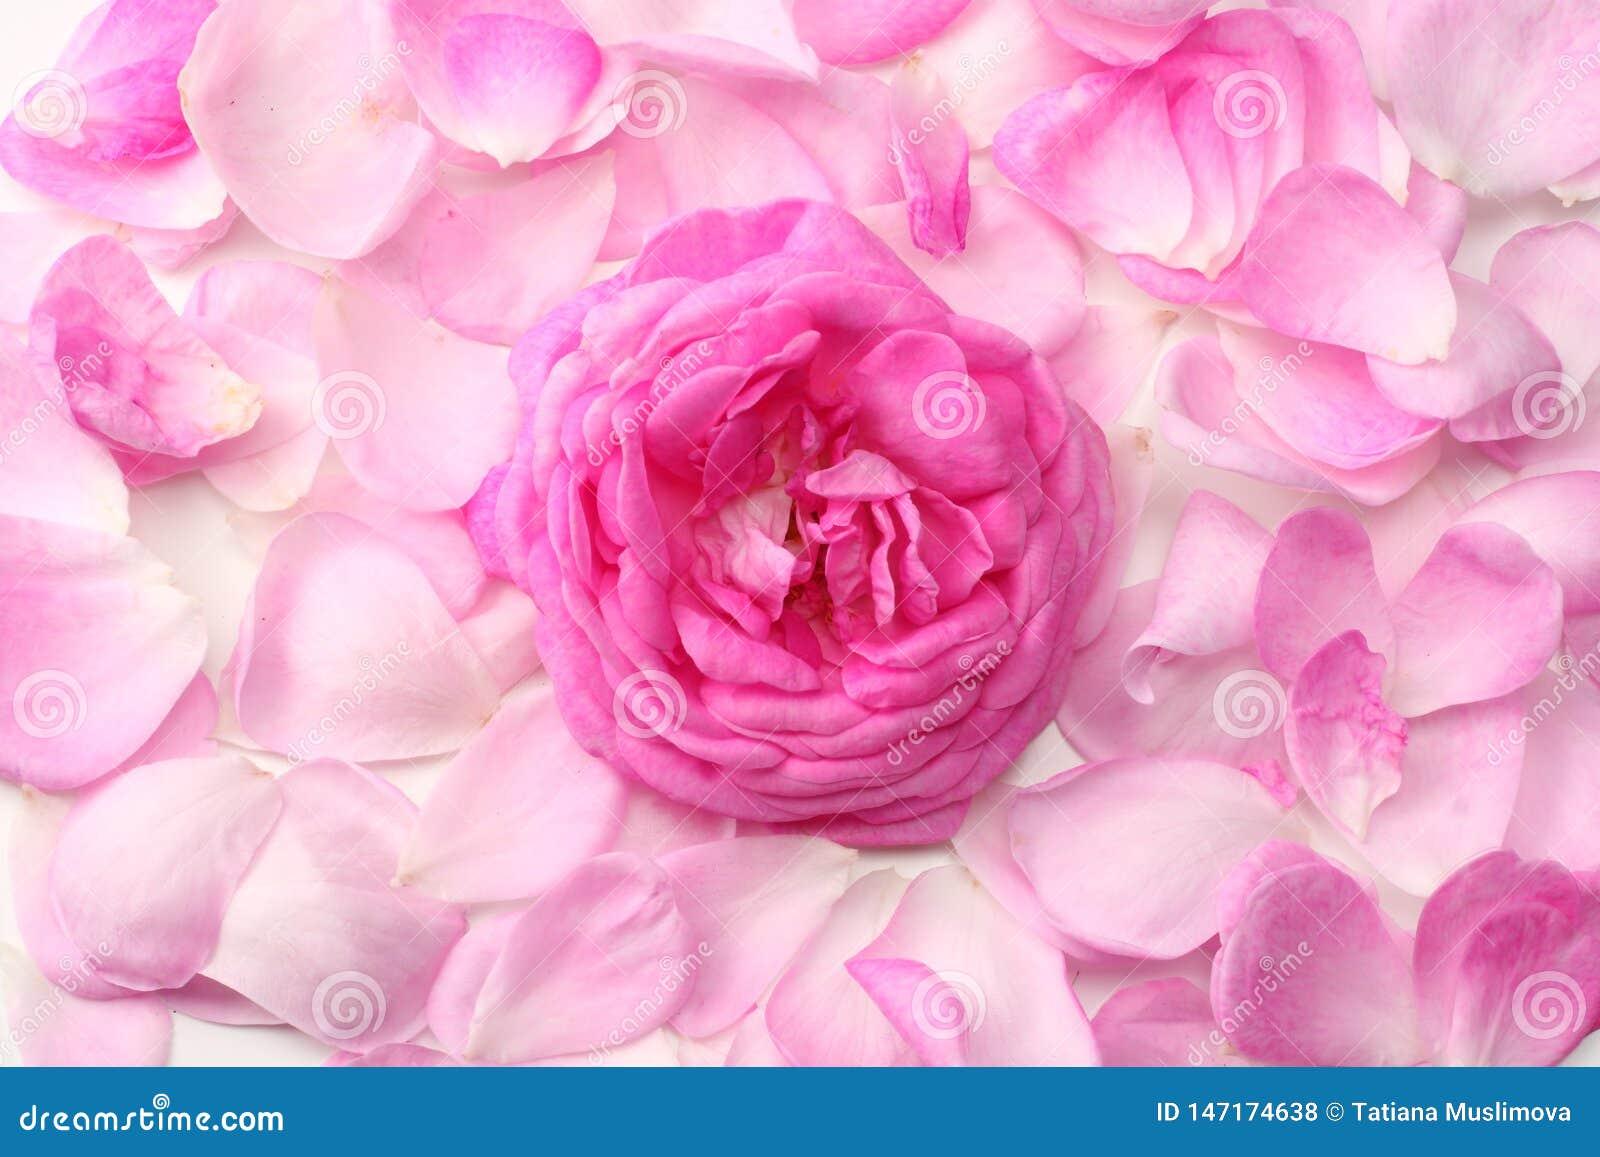 розовые лепестки розы изолированные на белой предпосылке r